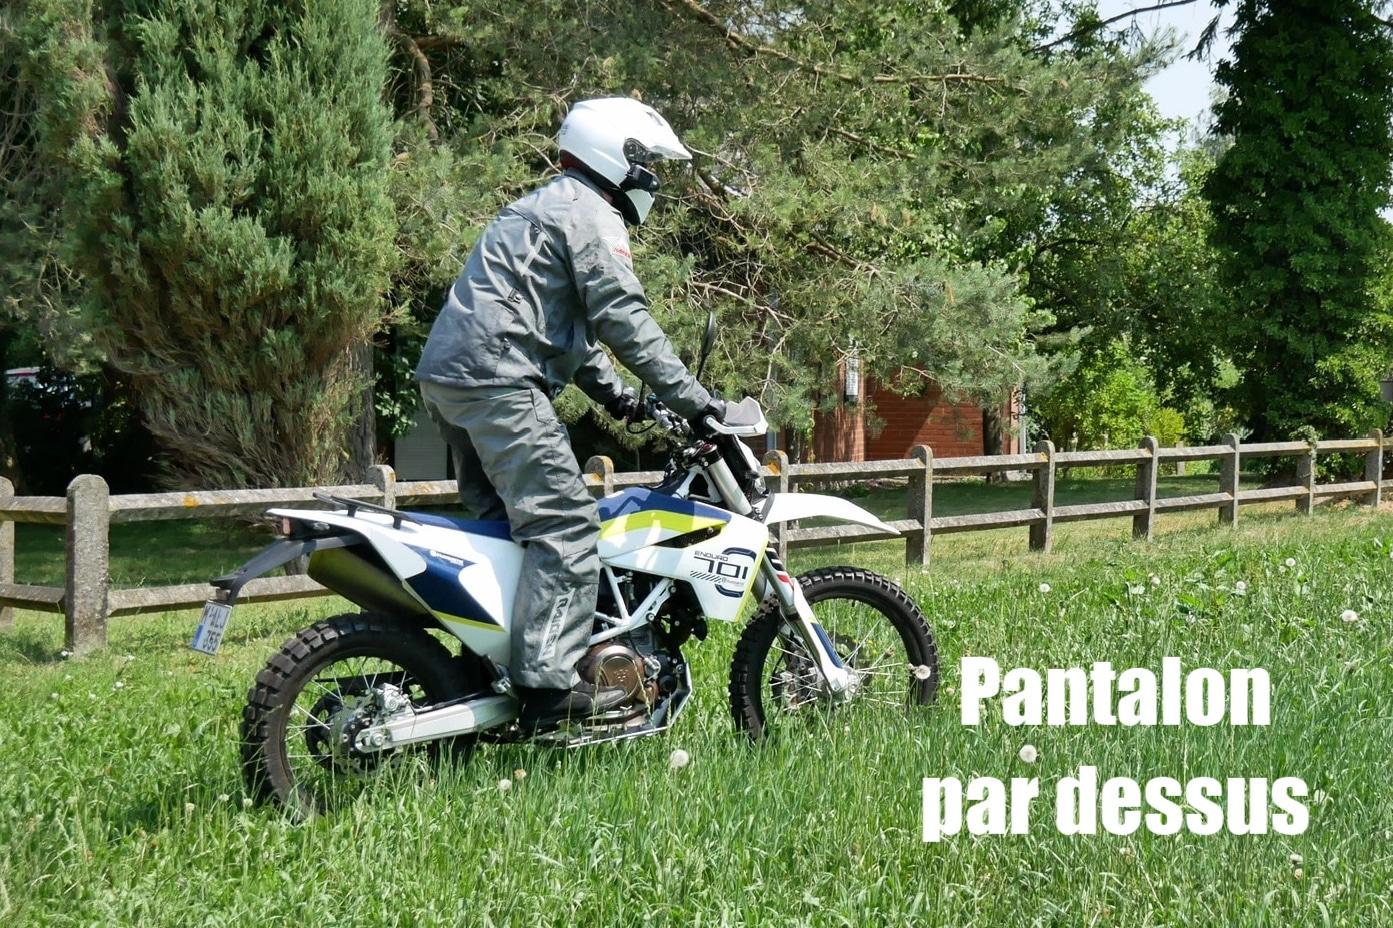 Comment pantalon et Touring choisir sa ou veste son moto lFcK1TJ